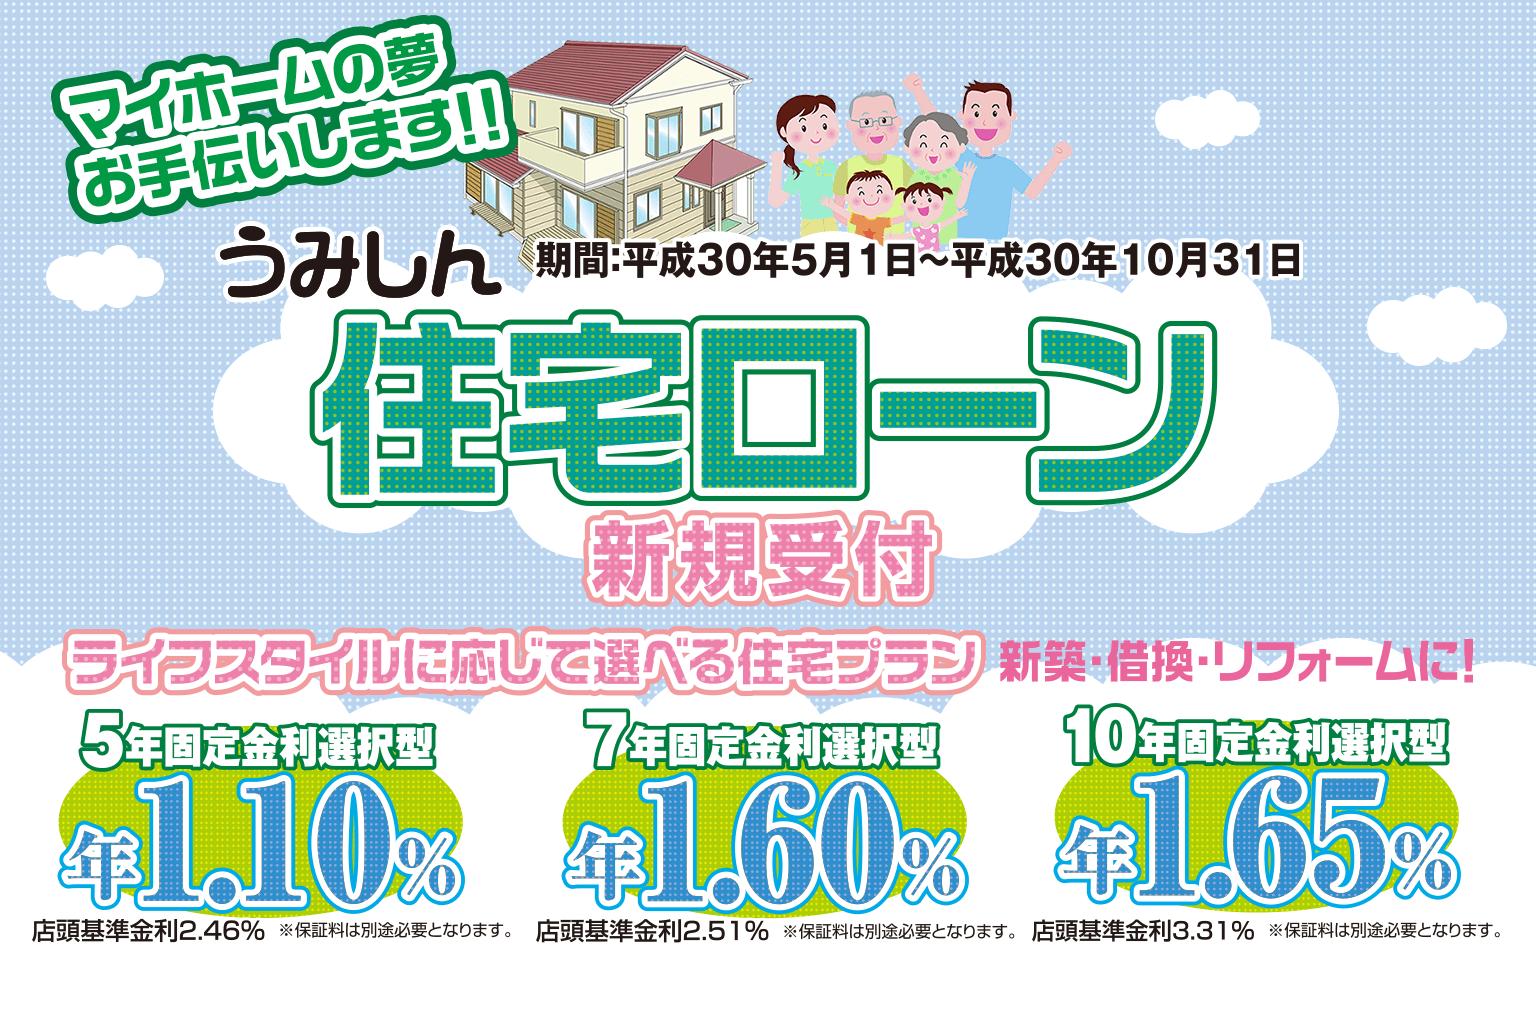 うみしん住宅ローン新規受付